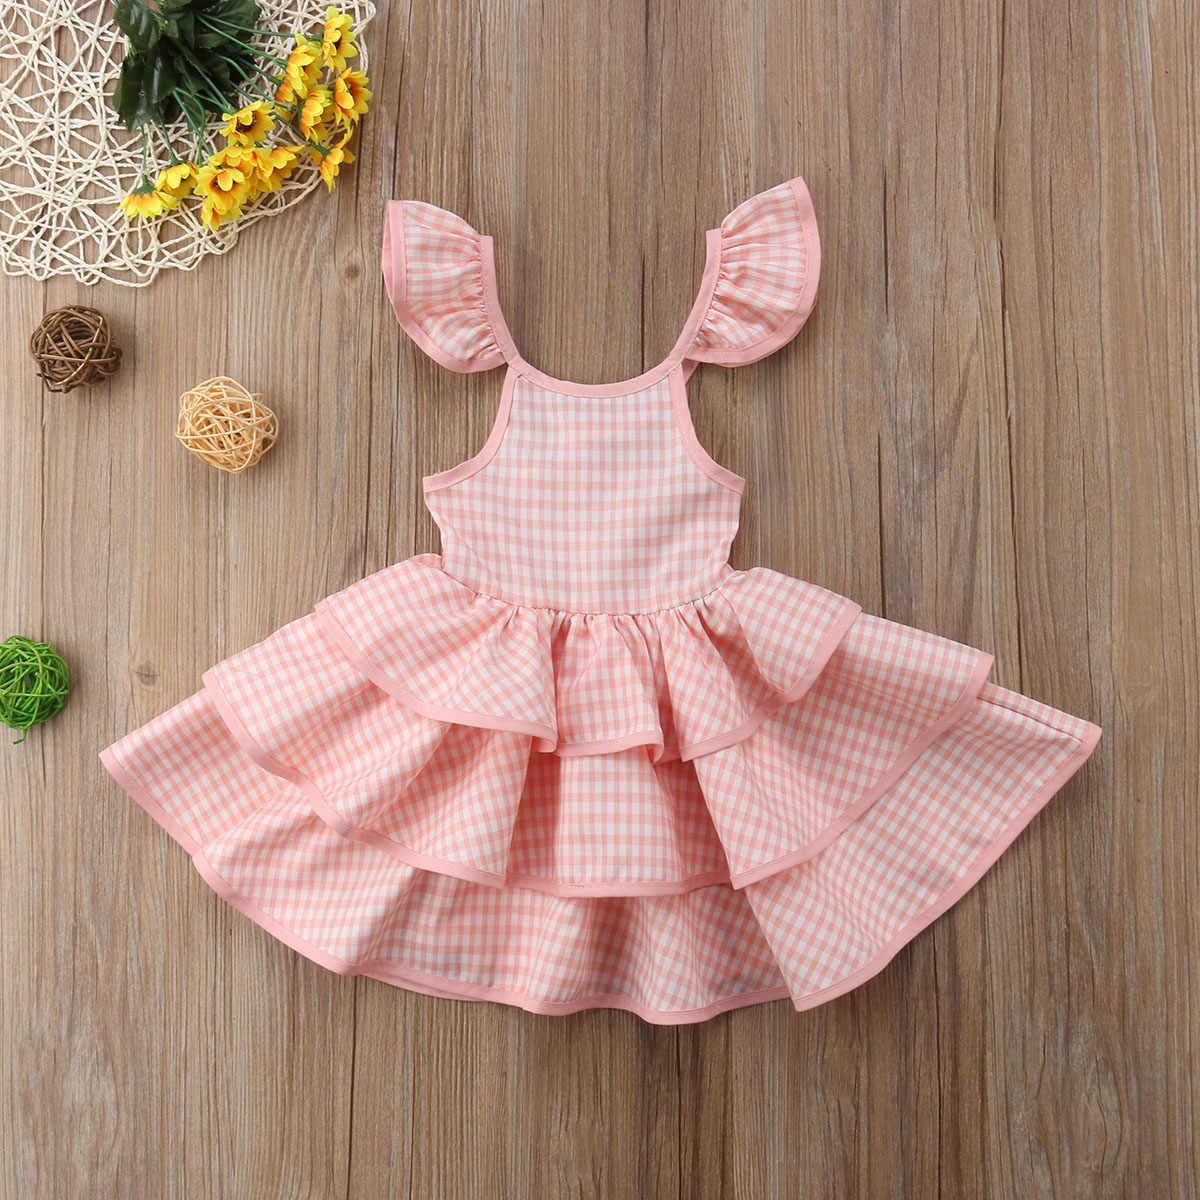 2019 Детские платья для девочек, многослойное платье-пачка с оборками, вечерние Пышное Платье для принцессы, детская одежда для маленьких девочек, летние От 1 до 7 лет